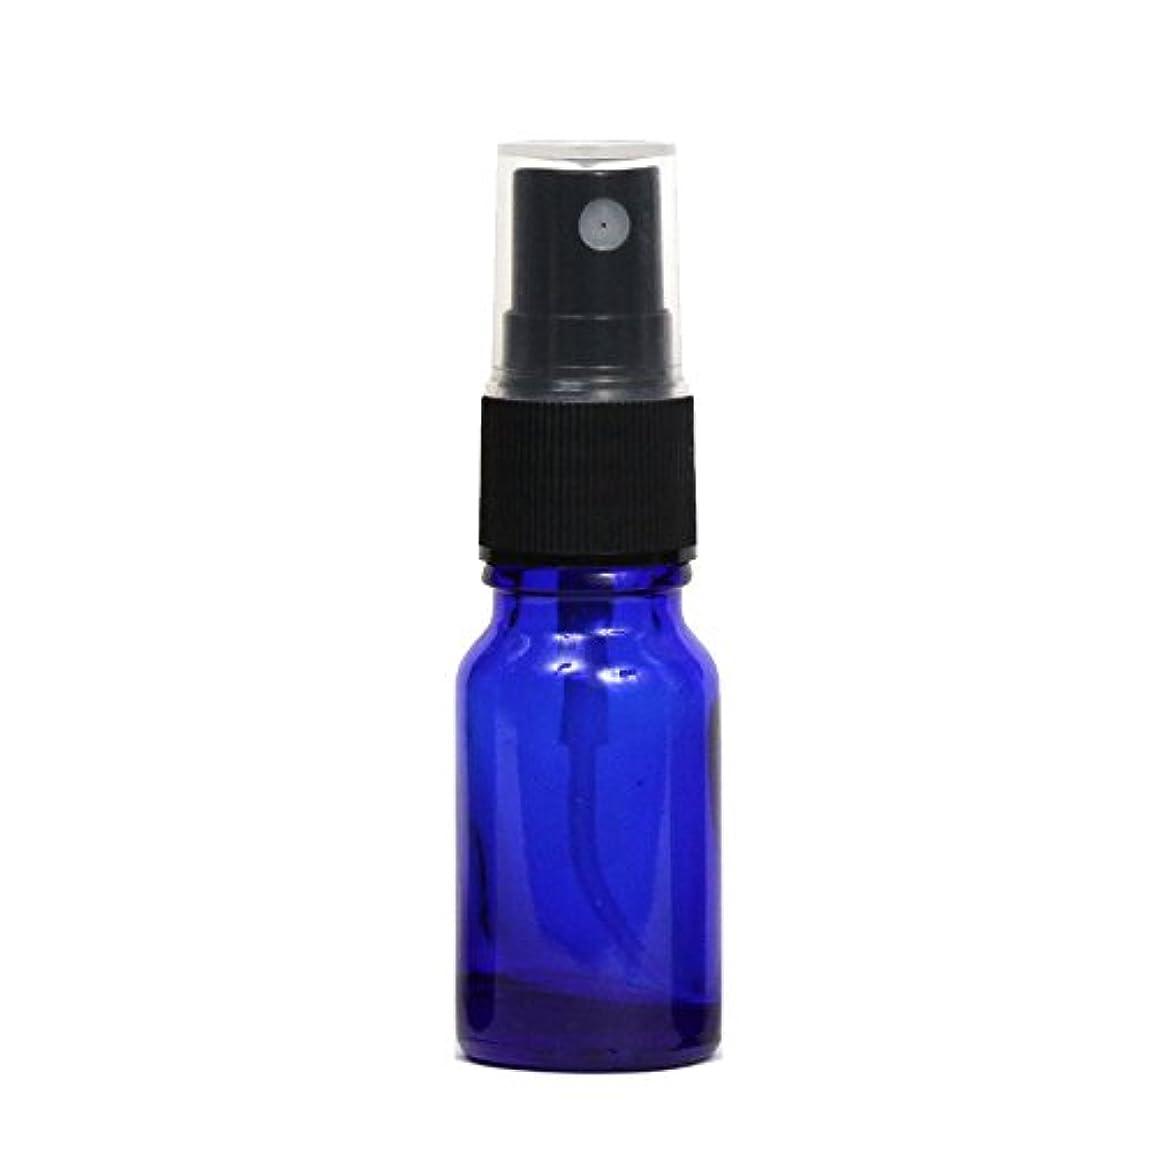 助言する晴れストライドスプレーボトル ガラス瓶 10mL 遮光性ブルー ガラスアトマイザー 空容器